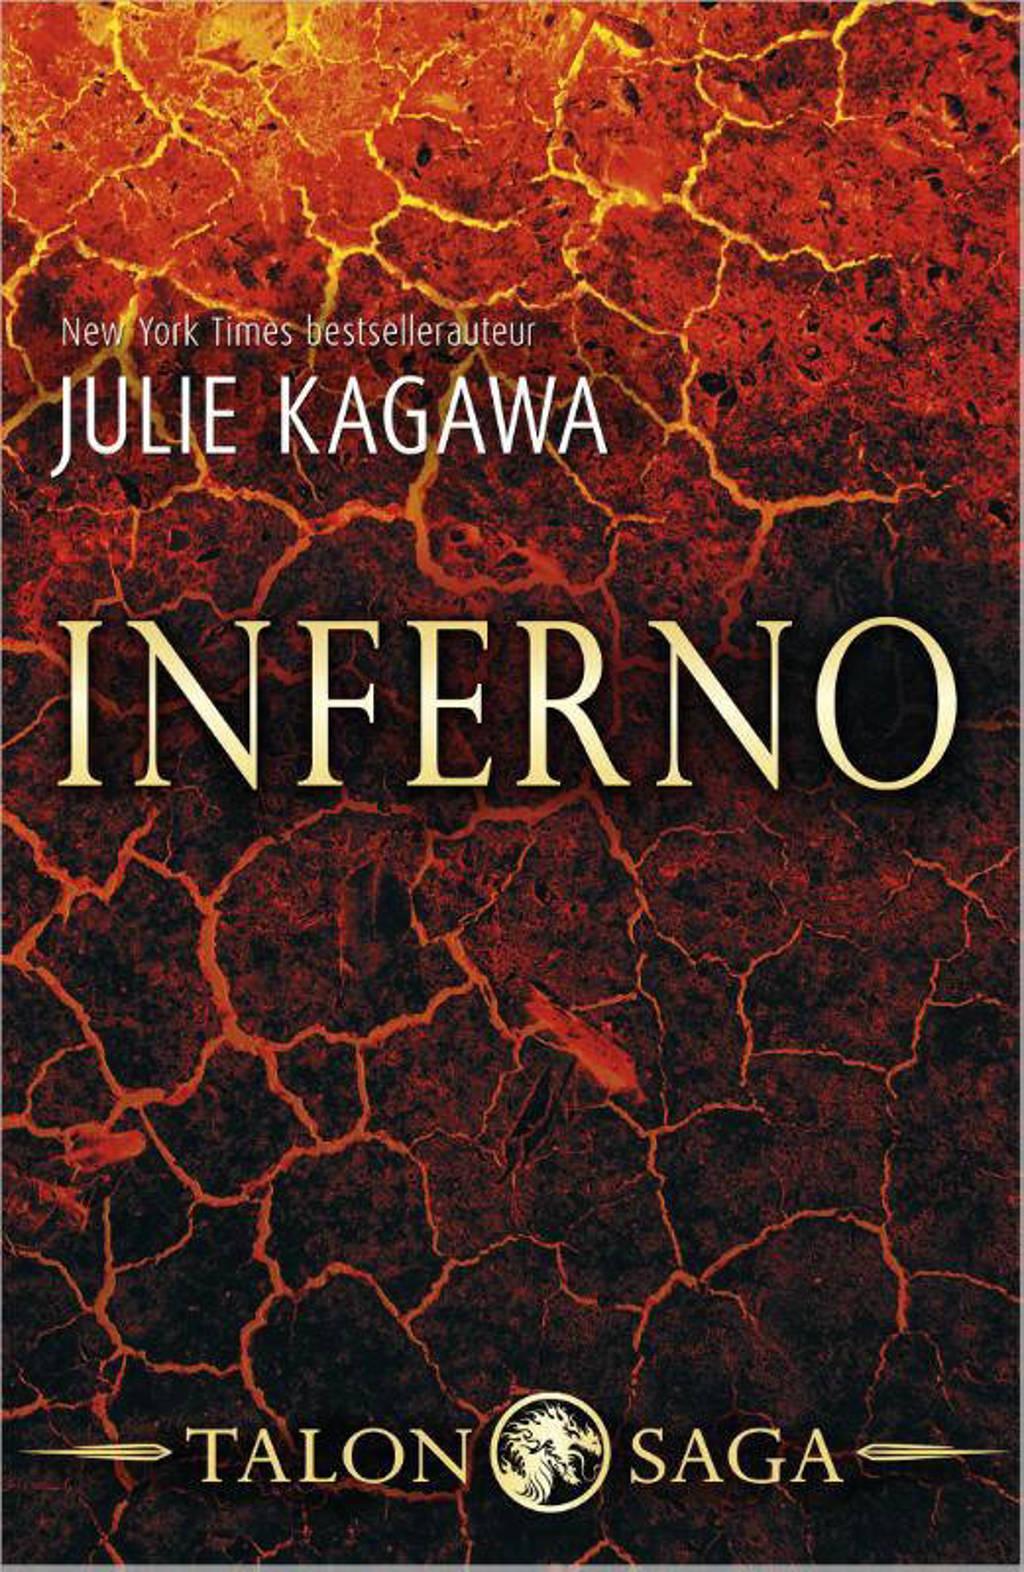 Talon Saga: Inferno - Julie Kagawa